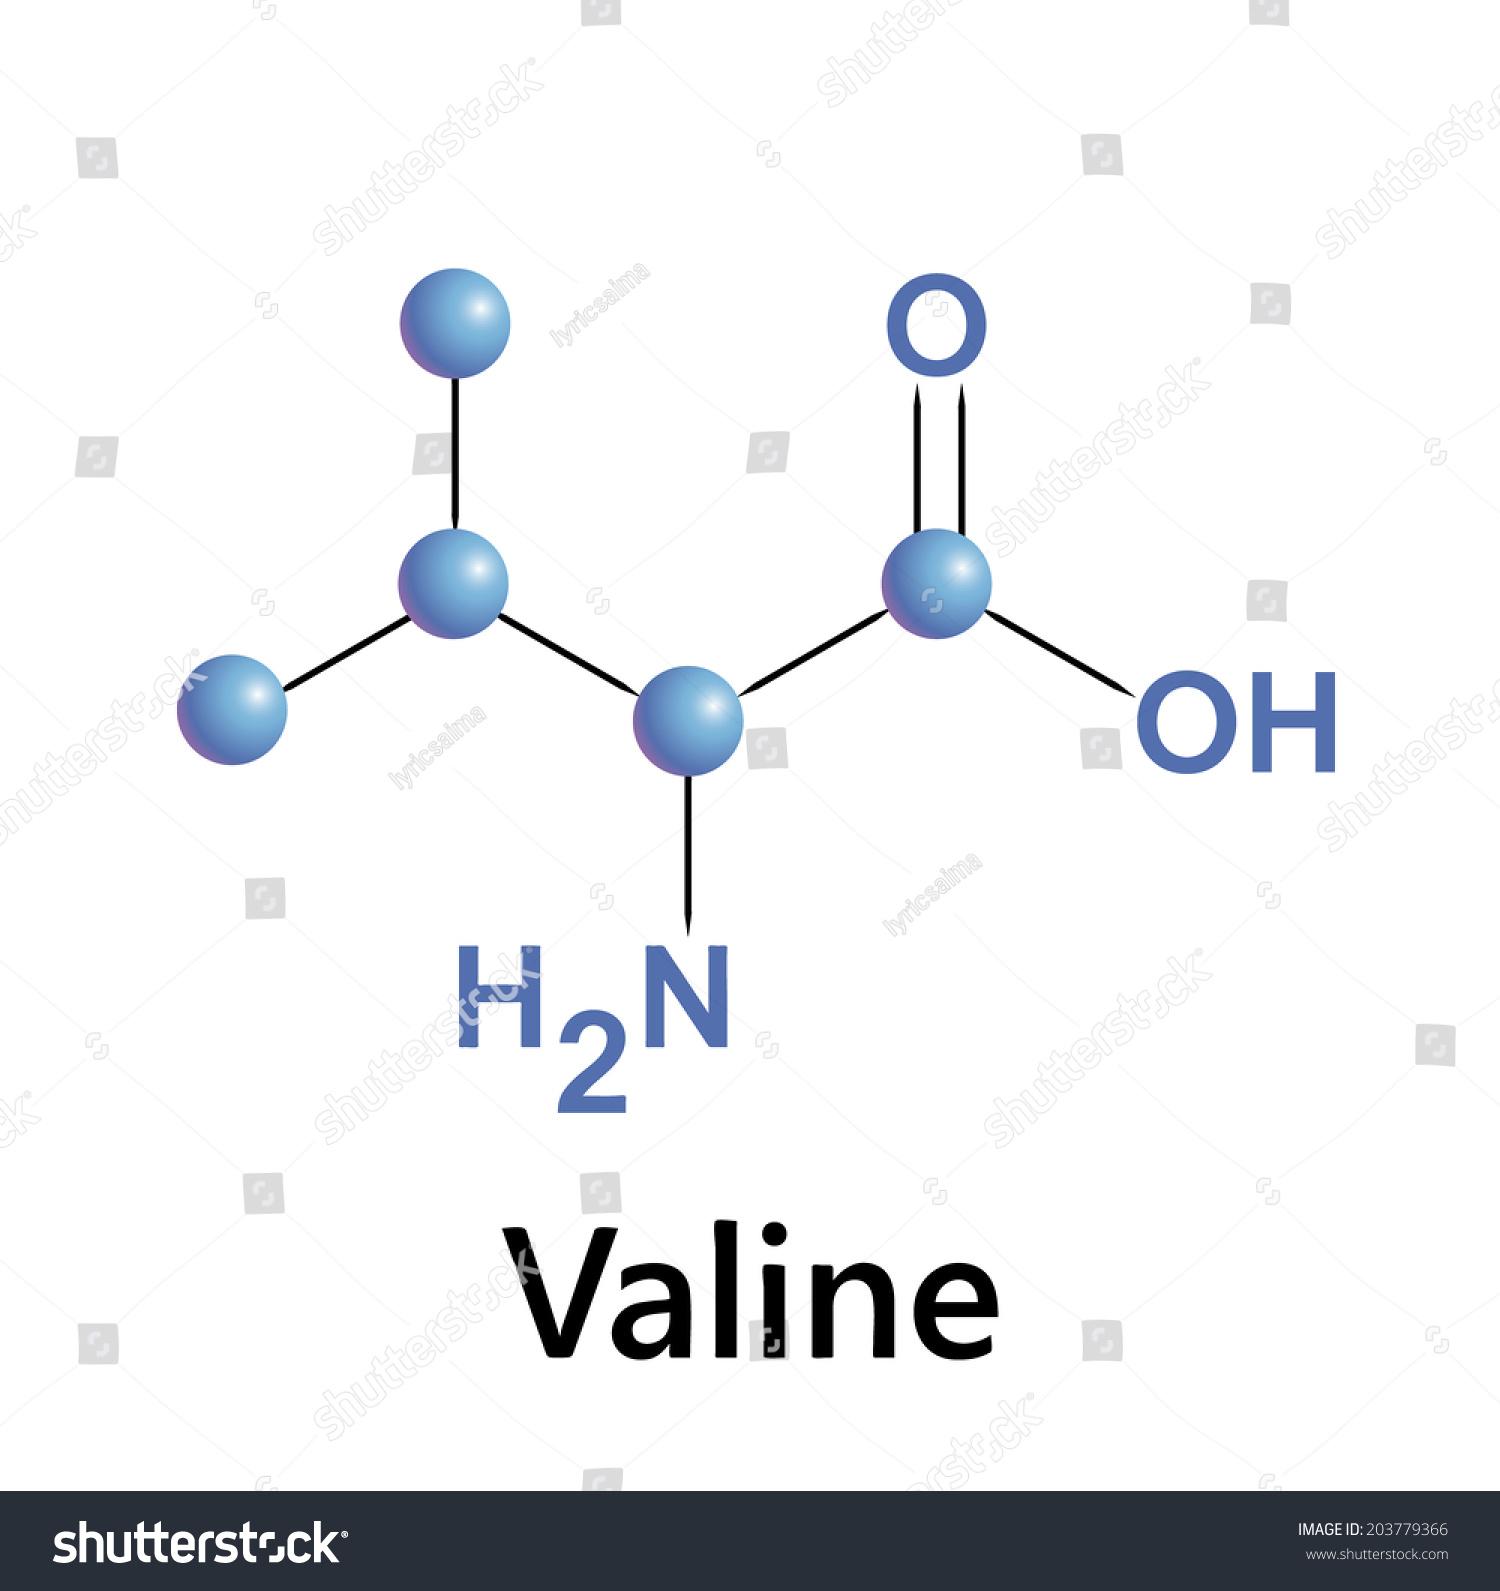 Methionine zwitterion form / Prolixin decanoate